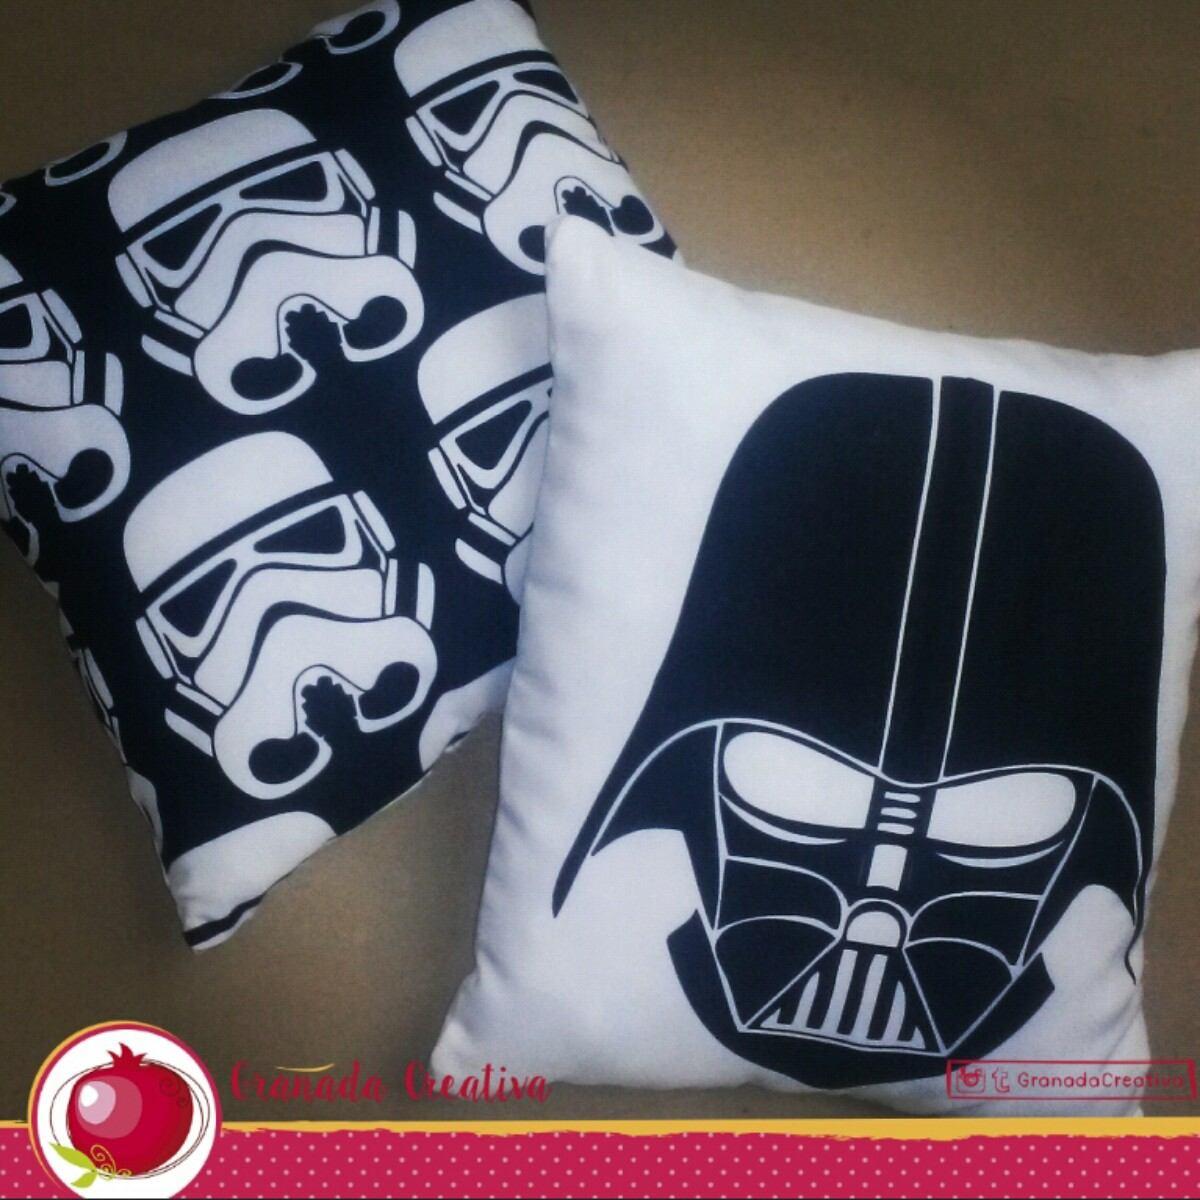 Cojines De Darth Vader Stormtrooper Guerra De Las Galaxias   Bs